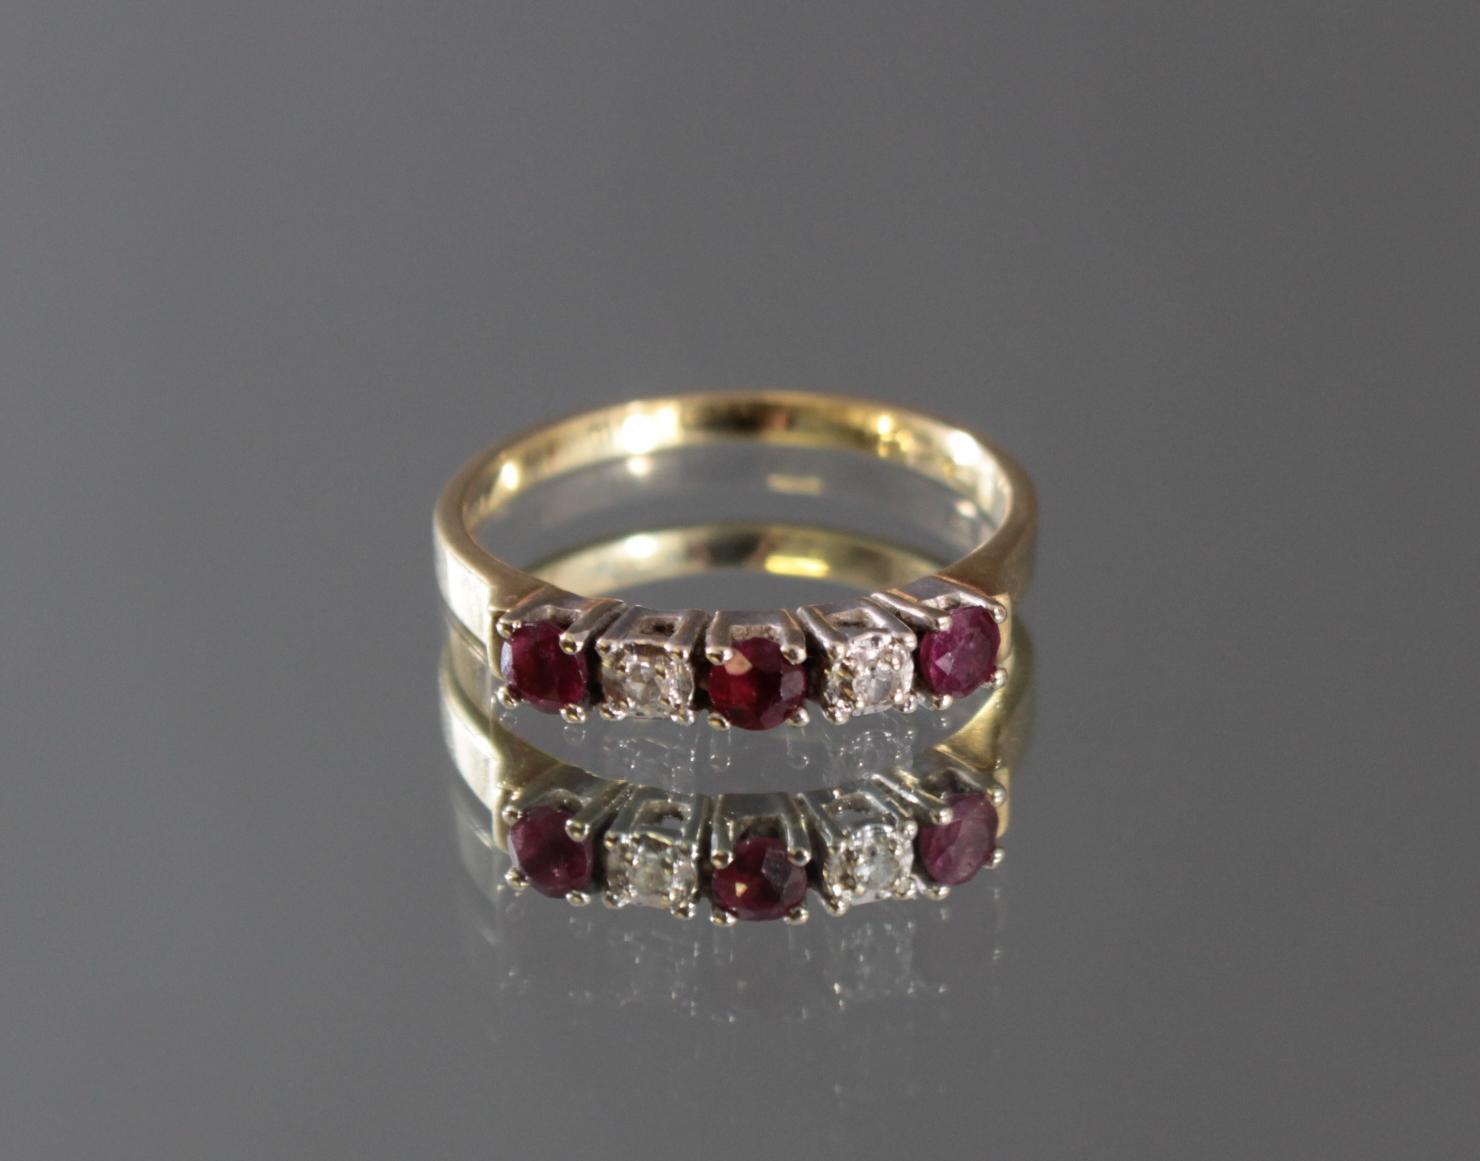 Damenring mit Rubinen und Diamanten, 14 Karat Gelbgold